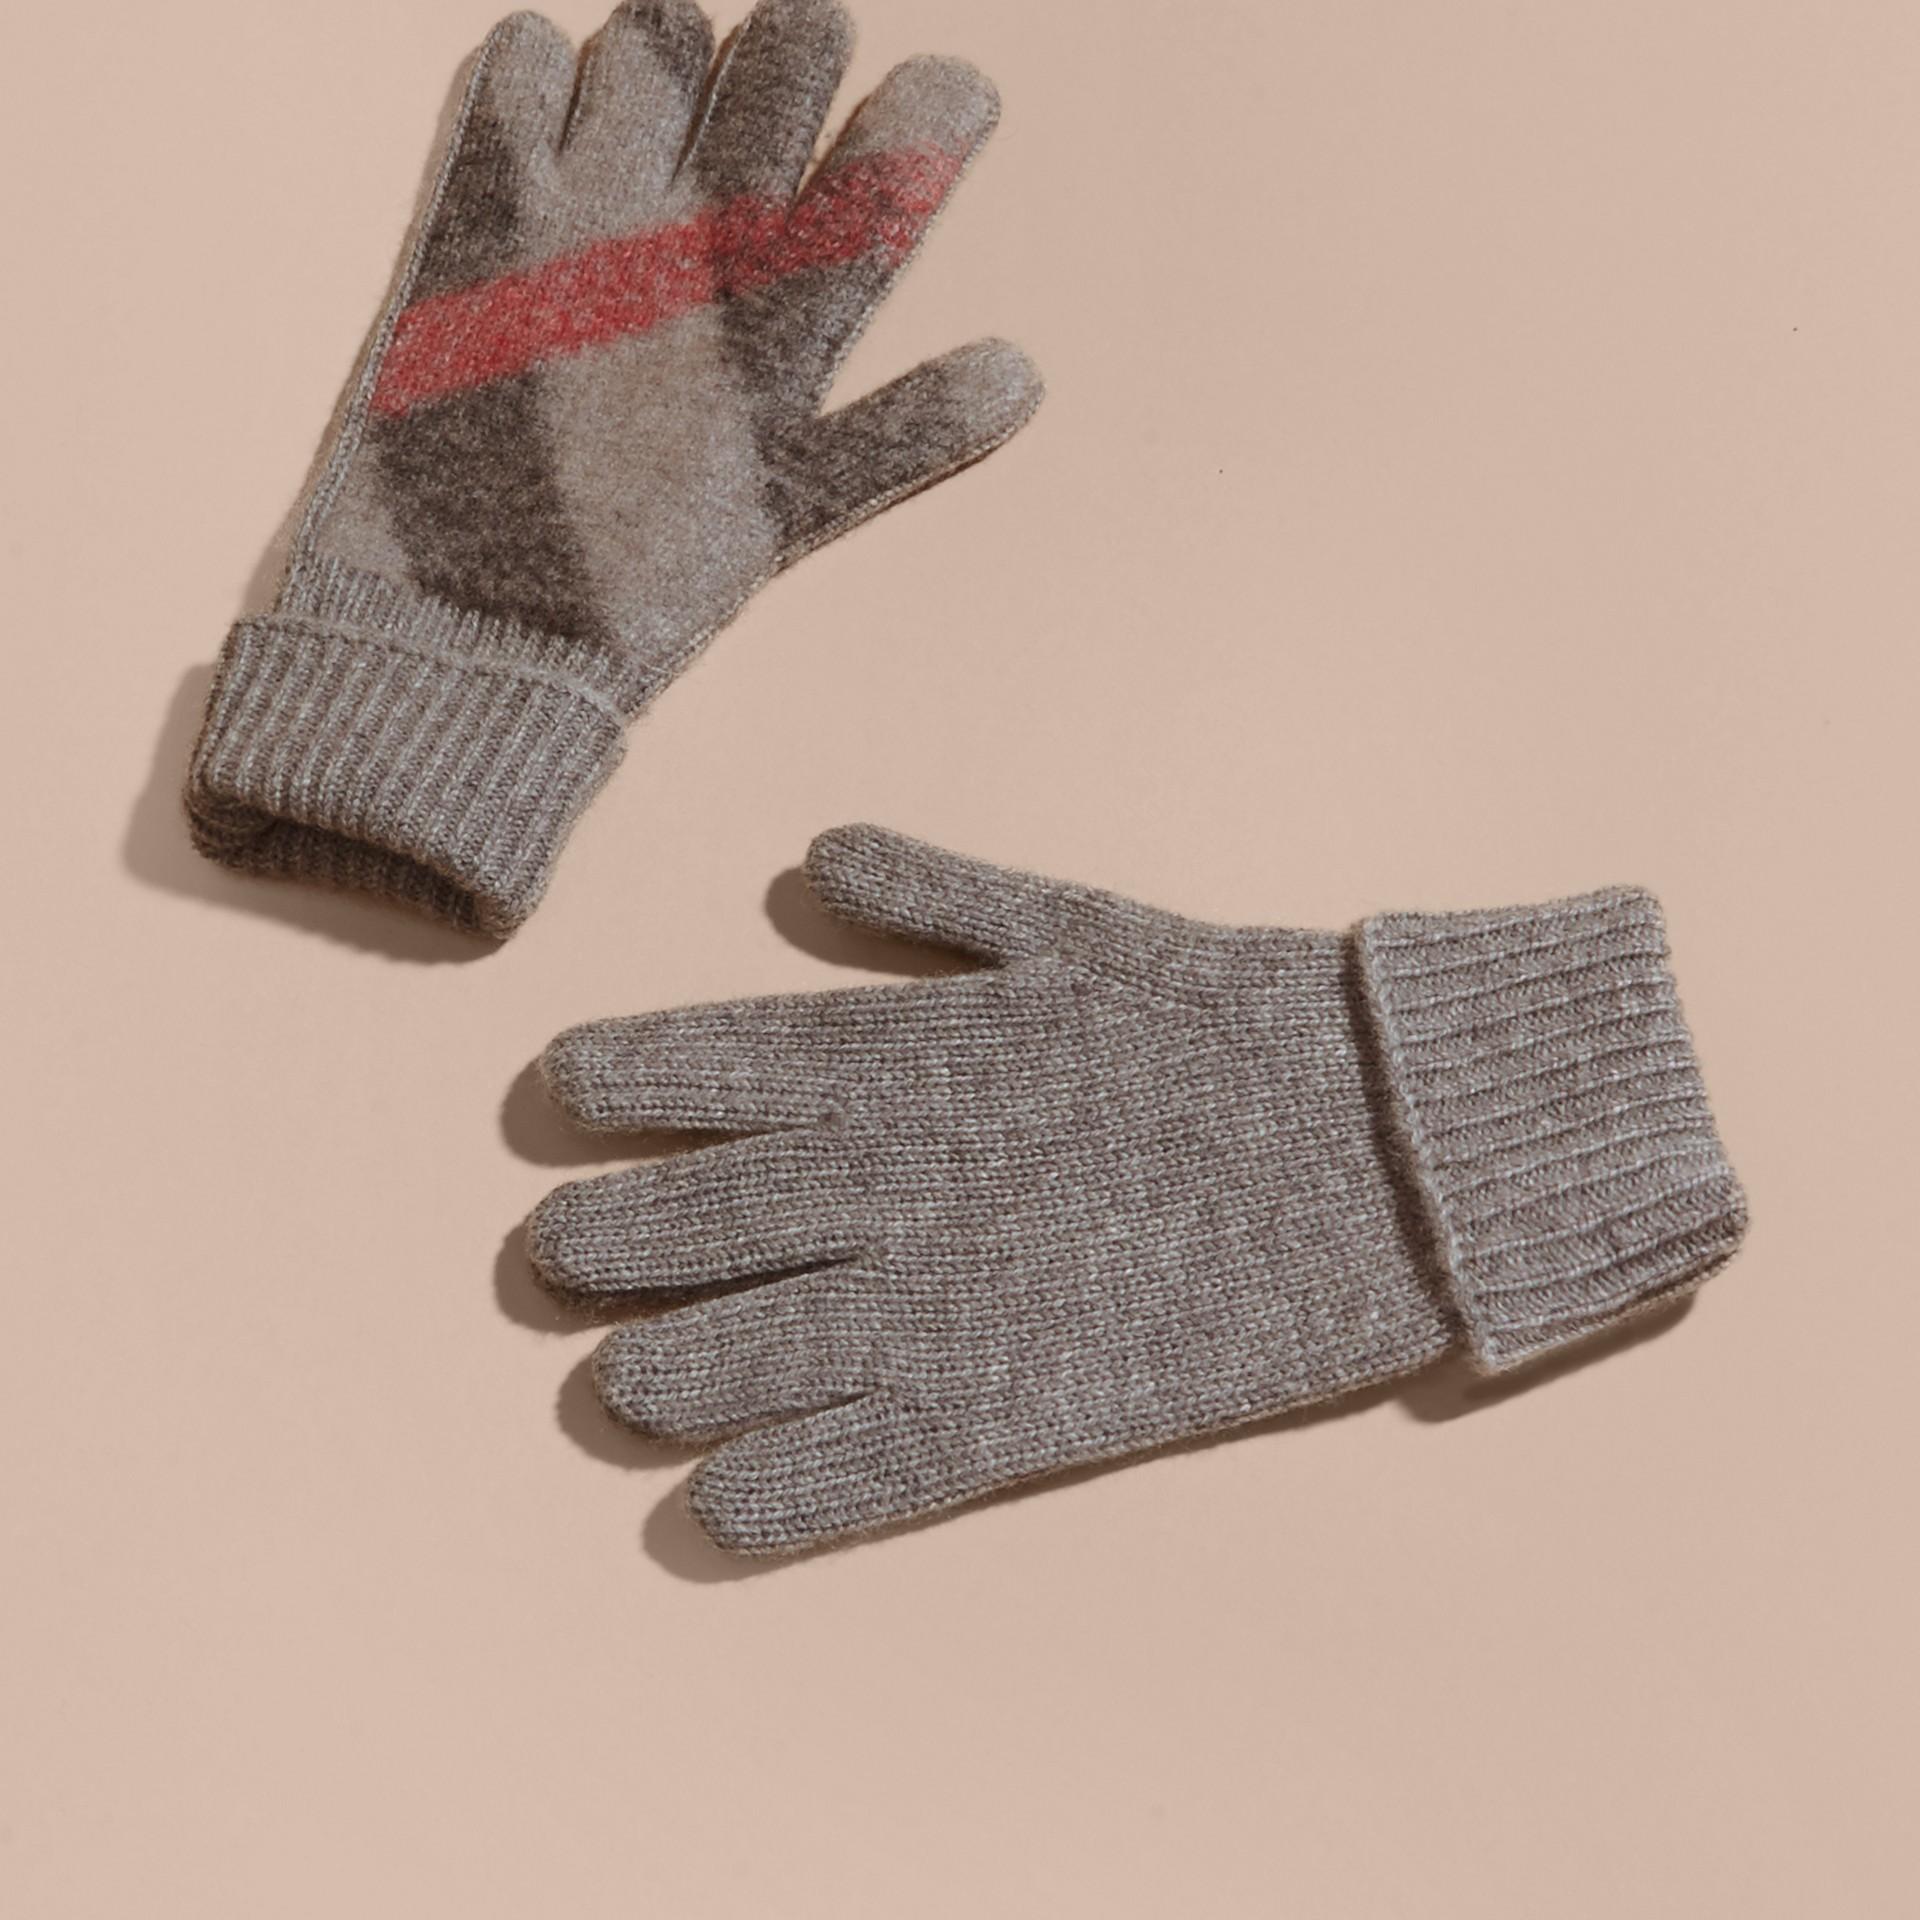 Handschuhe aus Wolle und Kaschmir mit Karodetail - Galerie-Bild 3